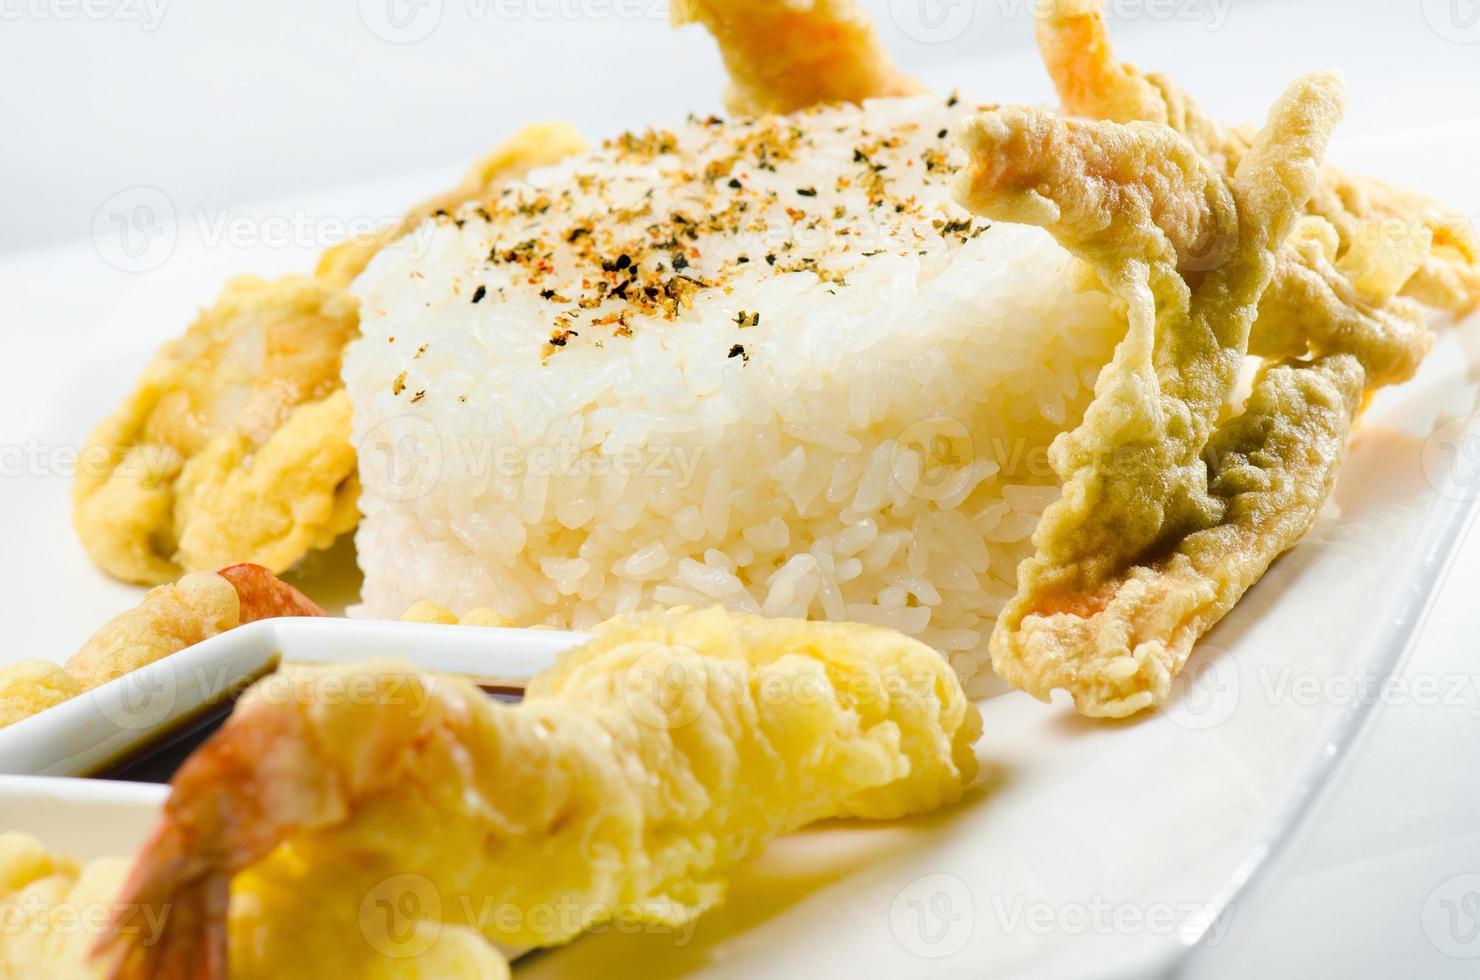 Hühnchen mit Reis foto